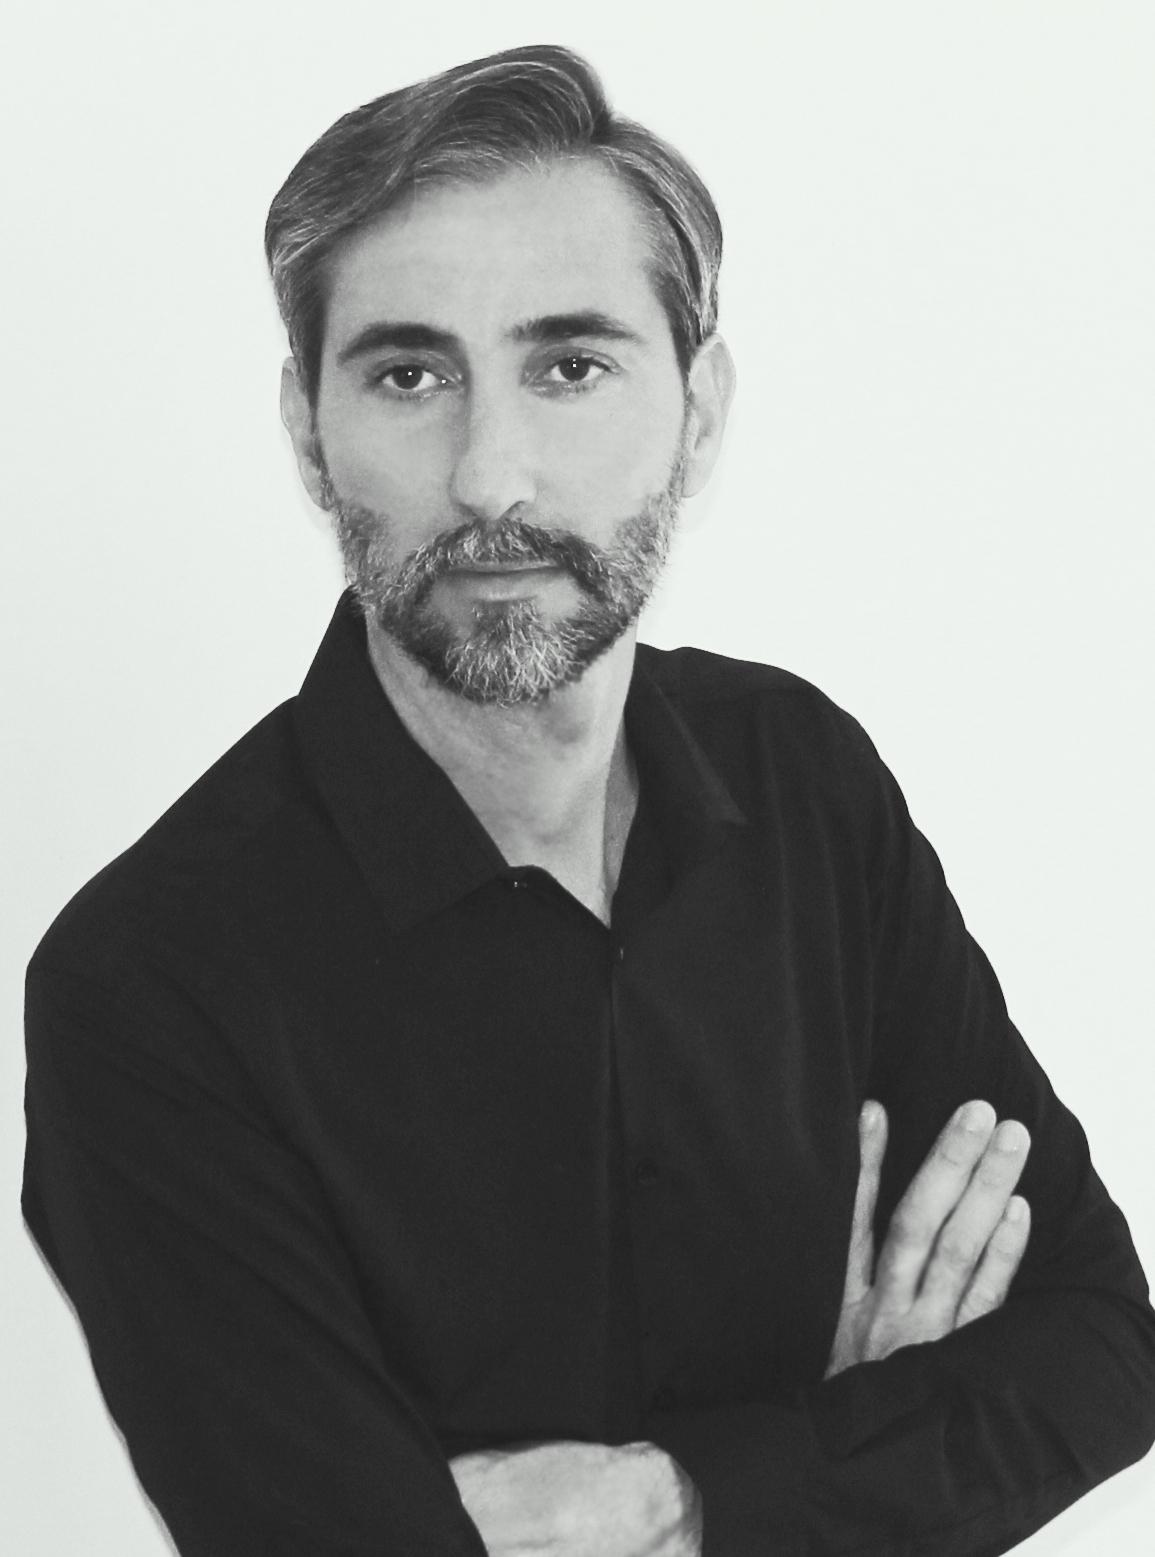 Trevor-Borg-portrait.jpg